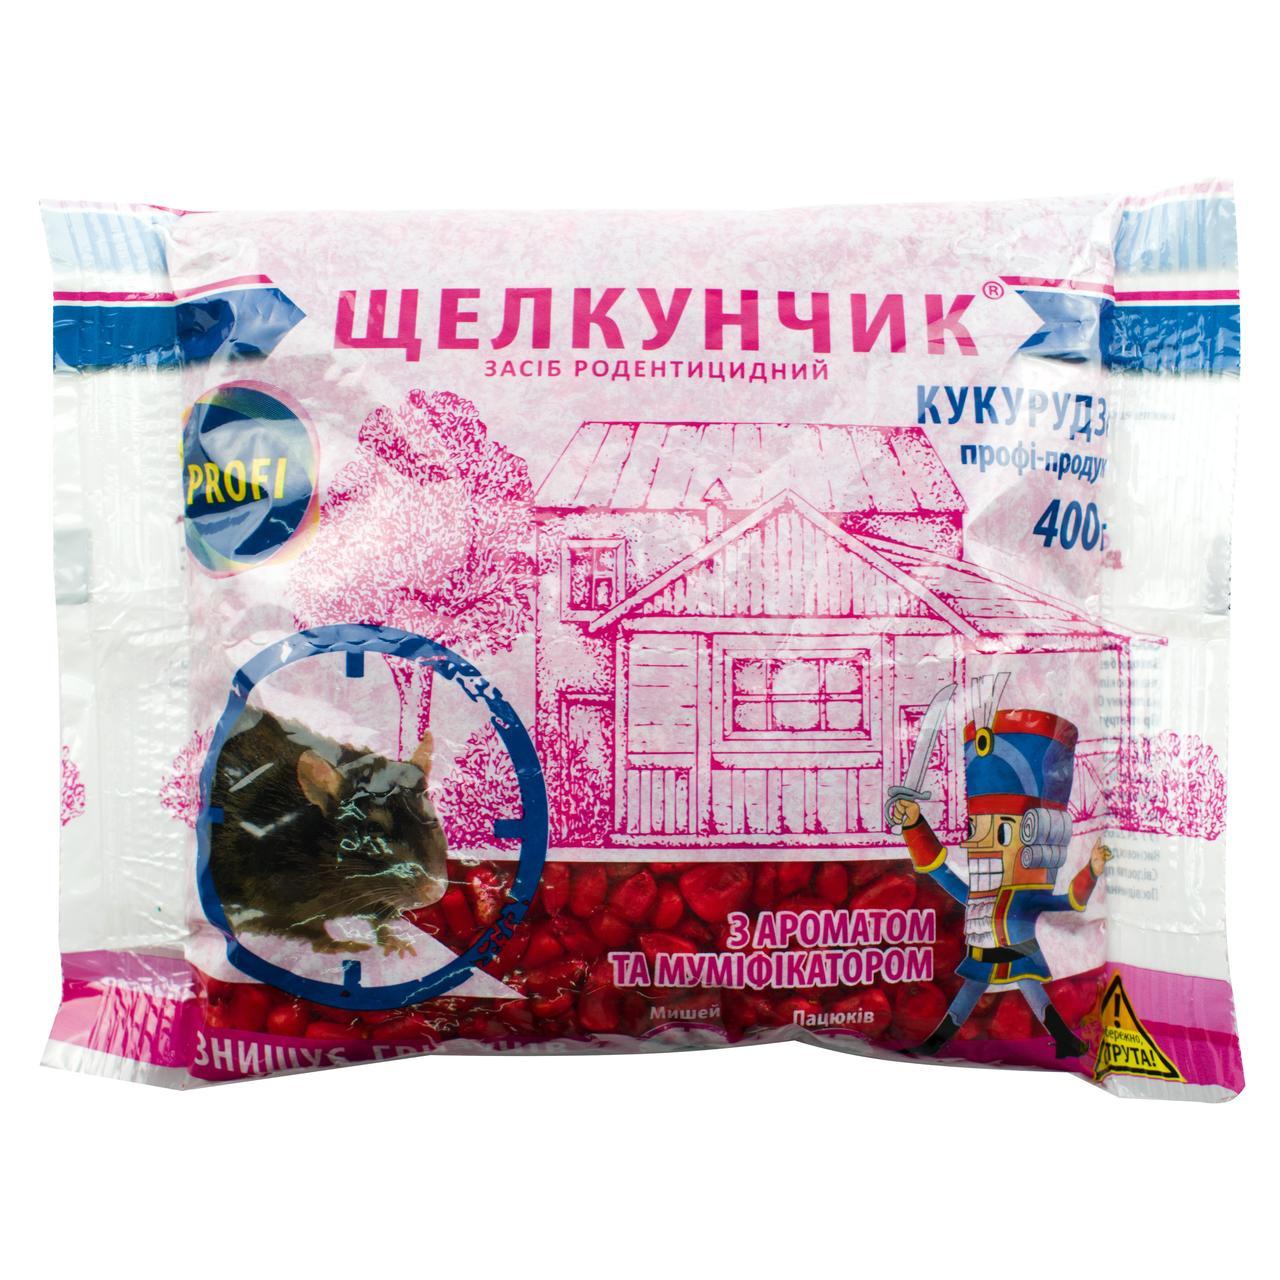 Кукуруза от крыс и мышей Щелкунчик профи-продукт 400 г